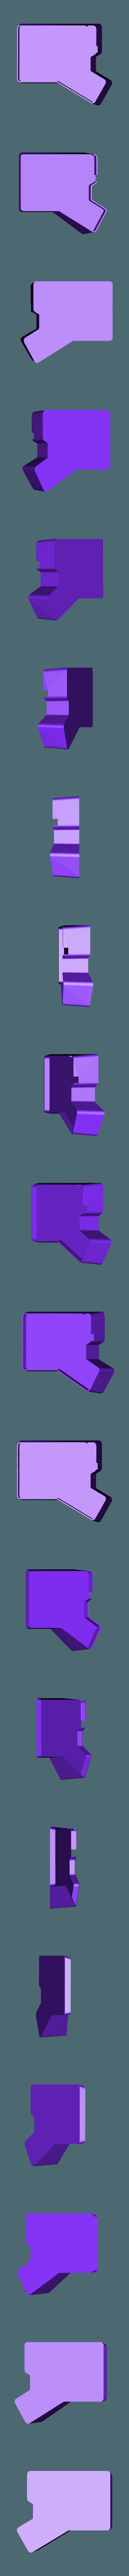 project-zen-left-resized-15.stl Télécharger fichier SCAD gratuit Cas du clavier Zen Project • Plan imprimable en 3D, rsheldiii